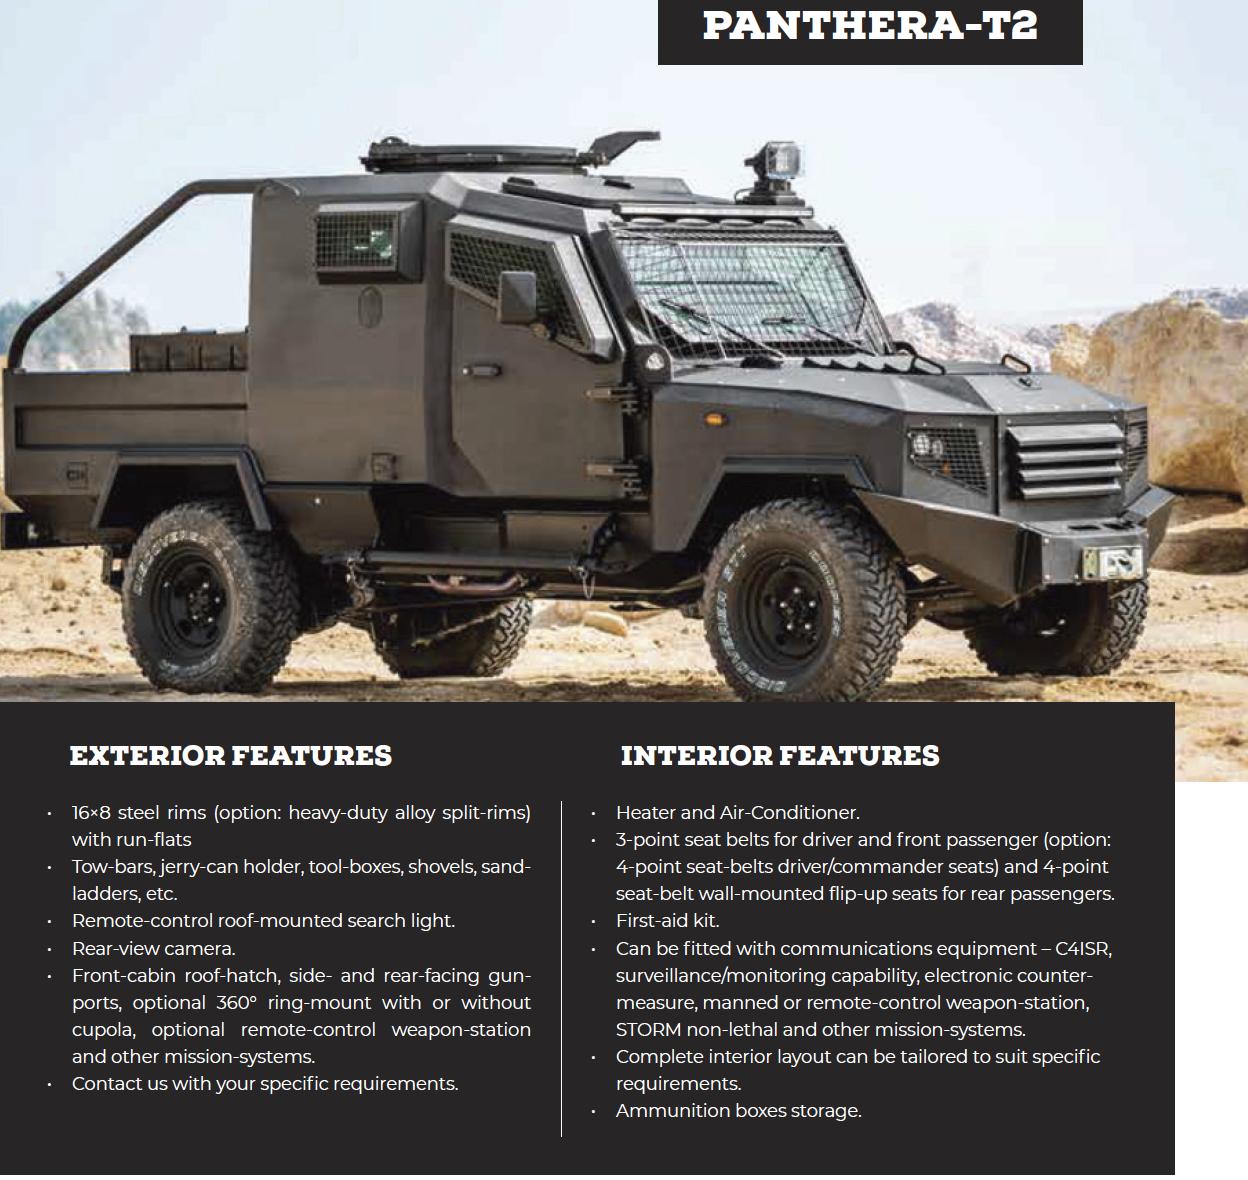 Panthera-T2